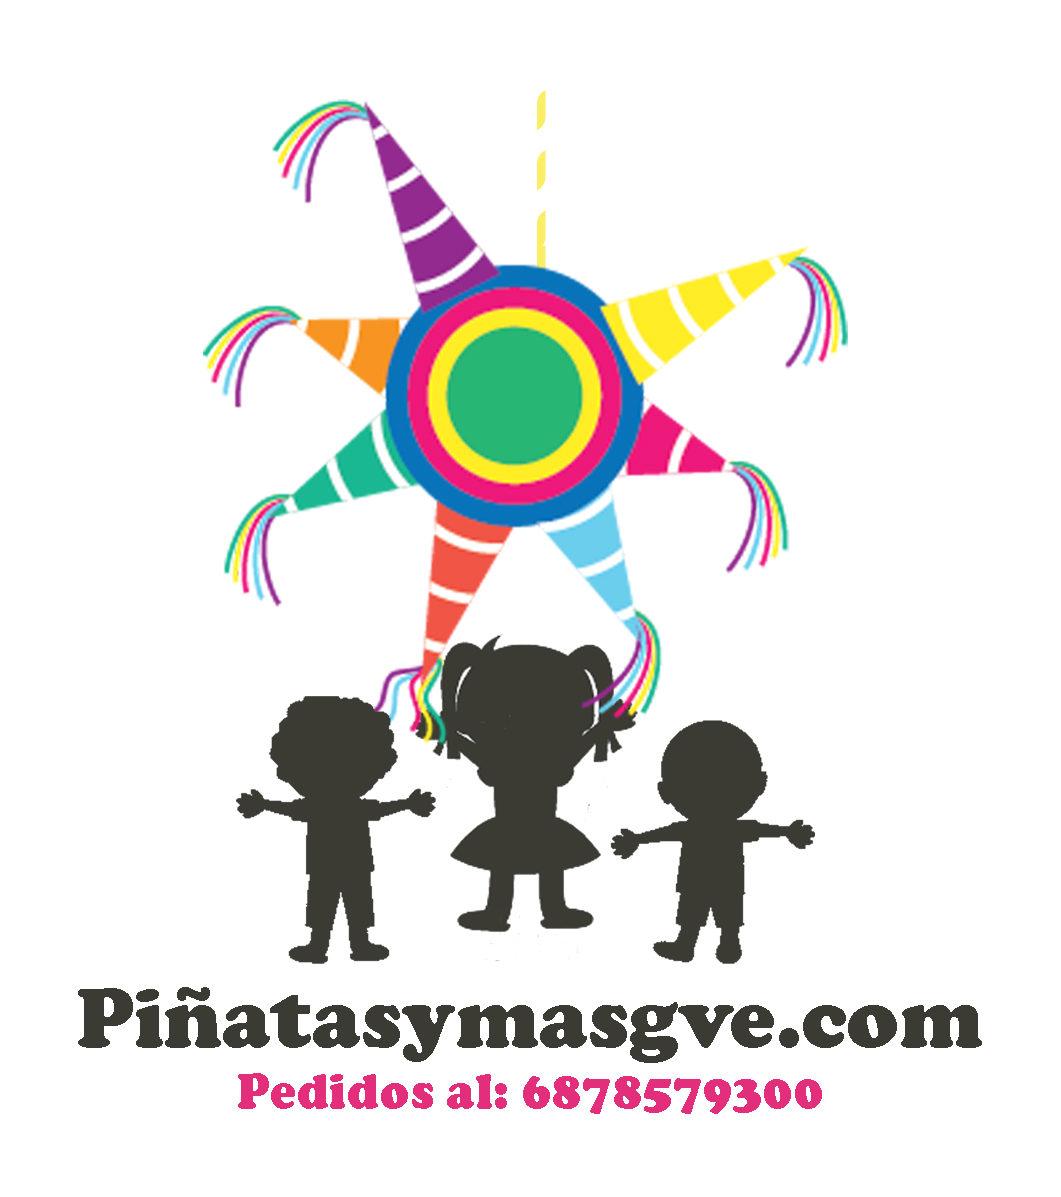 Piñatas ymasgve